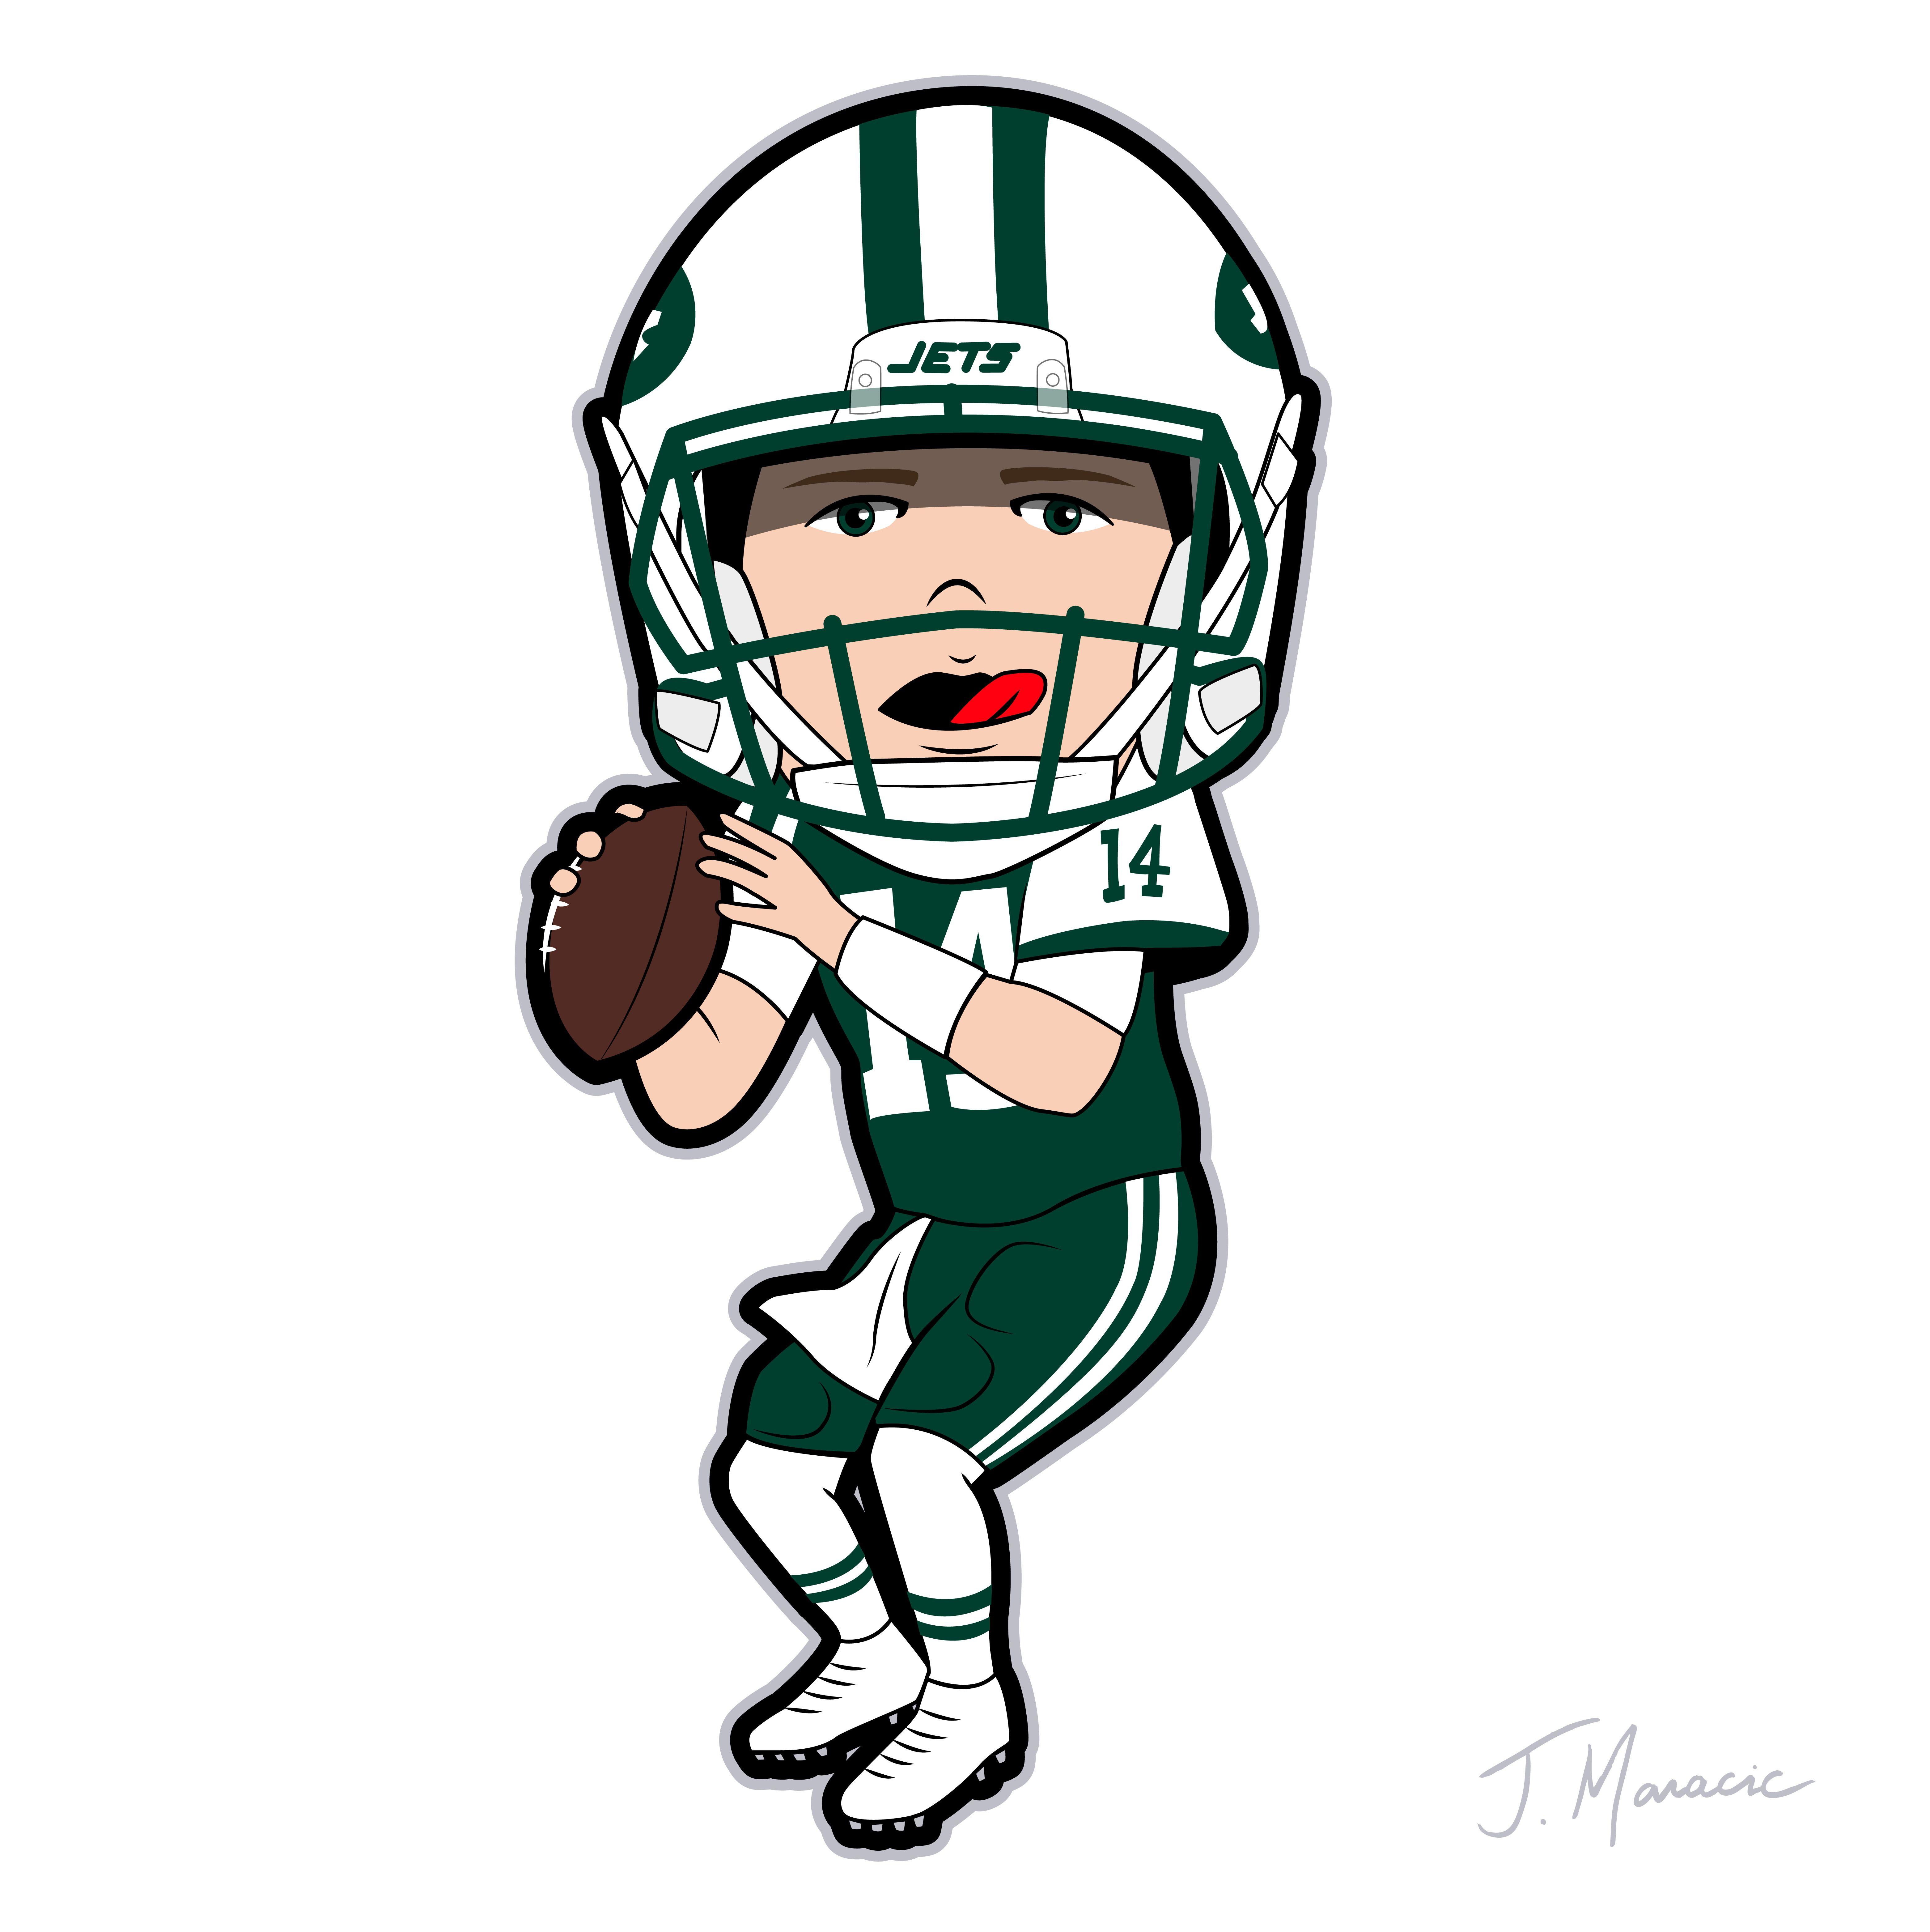 6245x6250 Toon Drawing Of Ny Jets Sam Darnold Joe Maracic